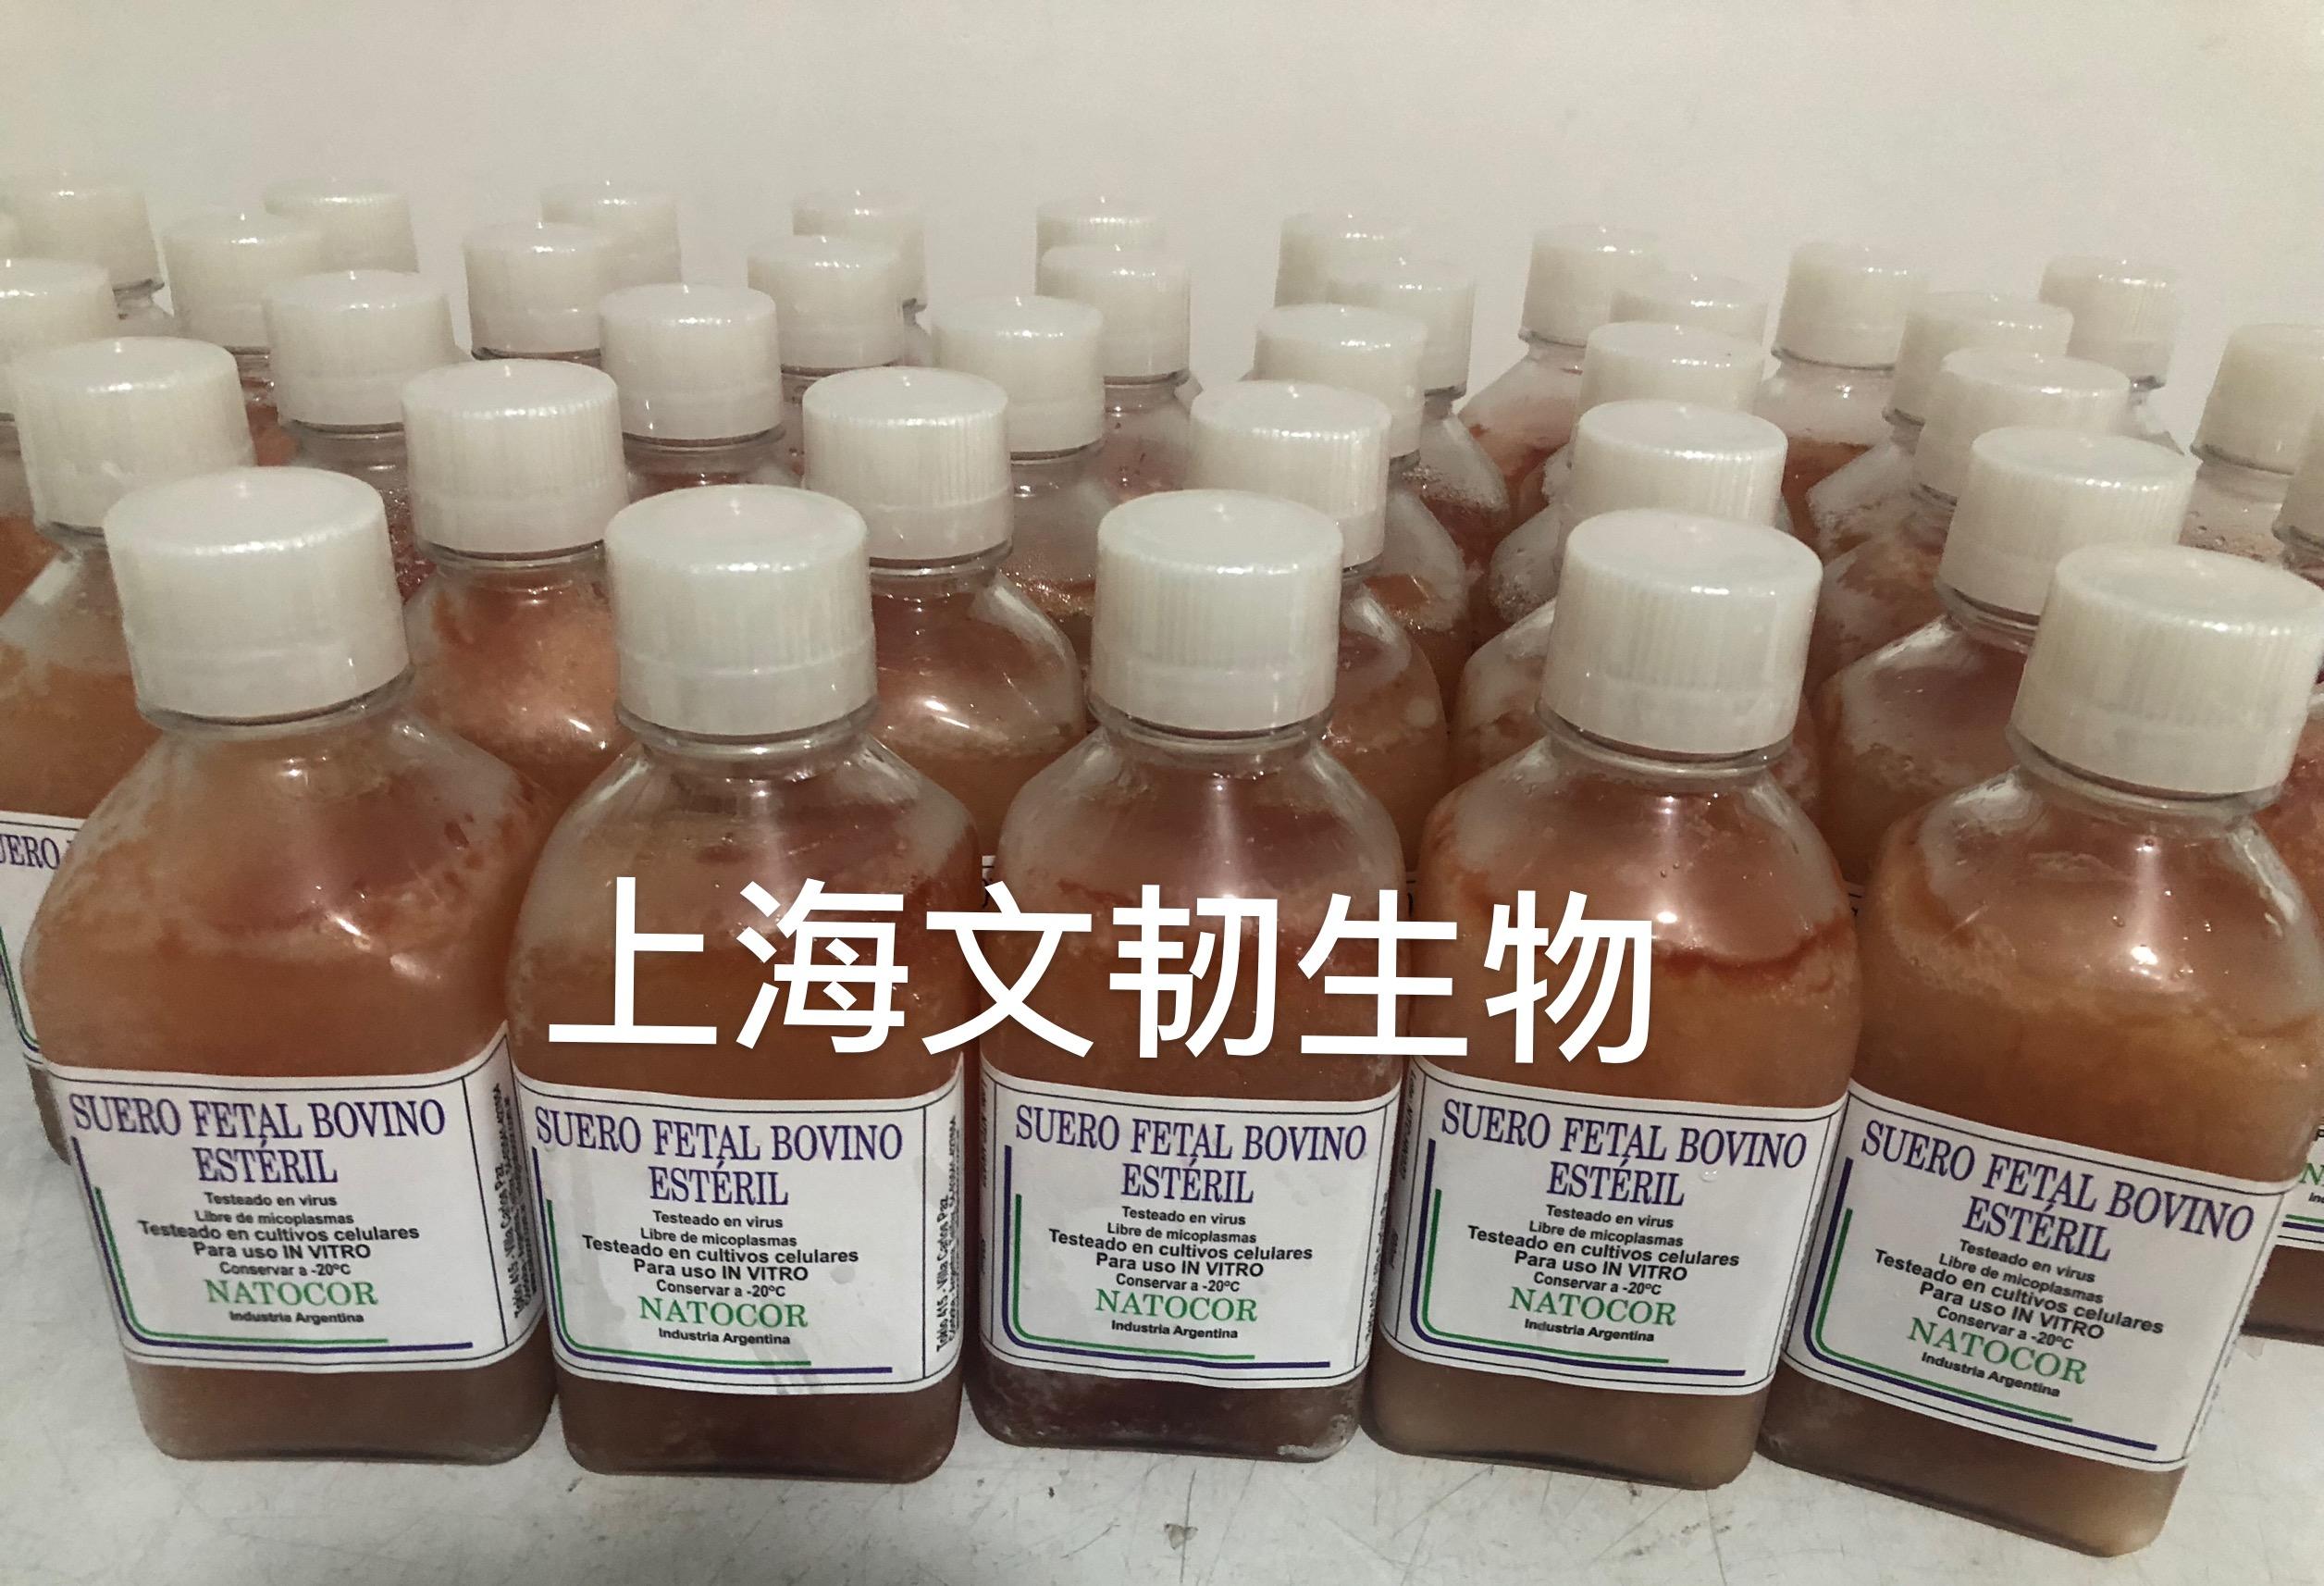 知名胎牛血清购买_fbs胎牛血清相关-上海文韧生物科技有限公司